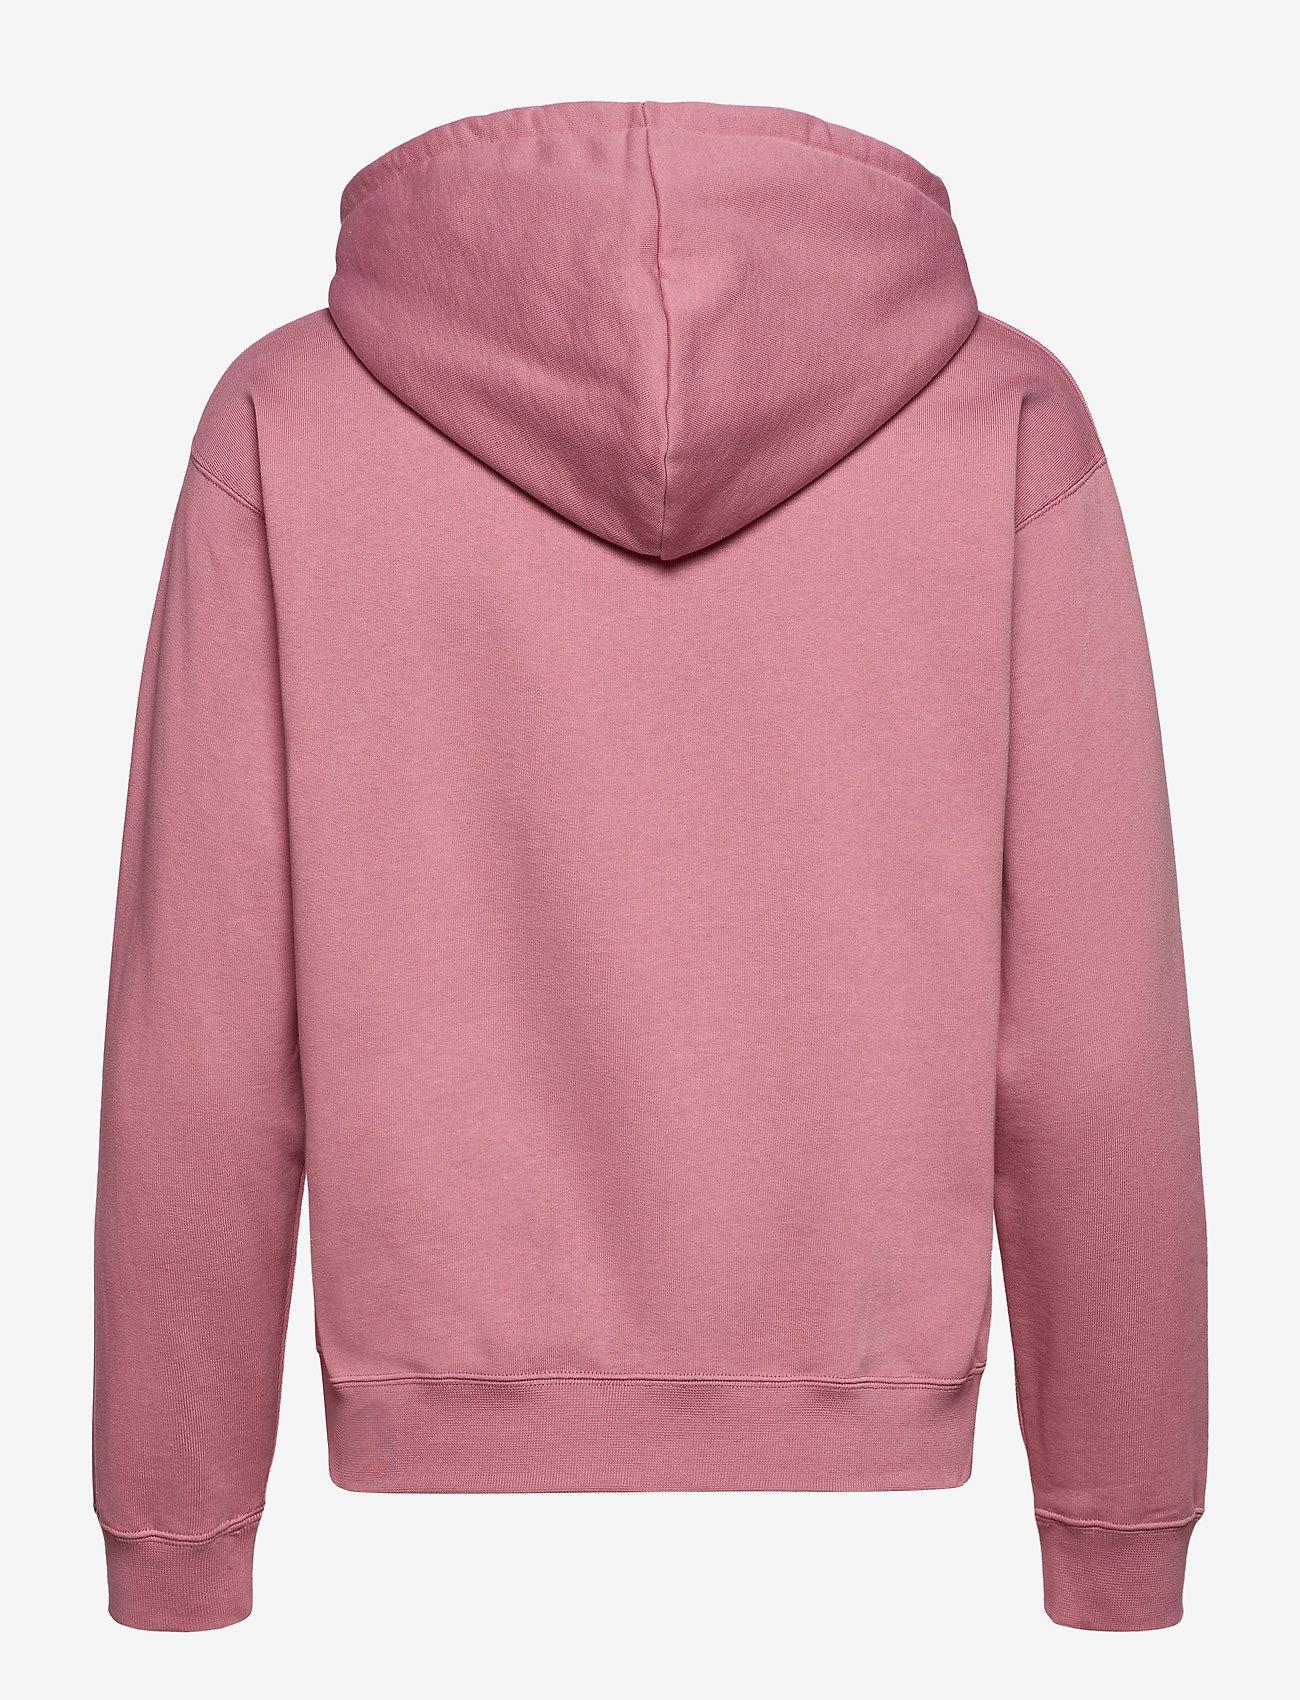 Wood Wood - Jenn hoodie - sweatshirts & hættetrøjer - rose - 1